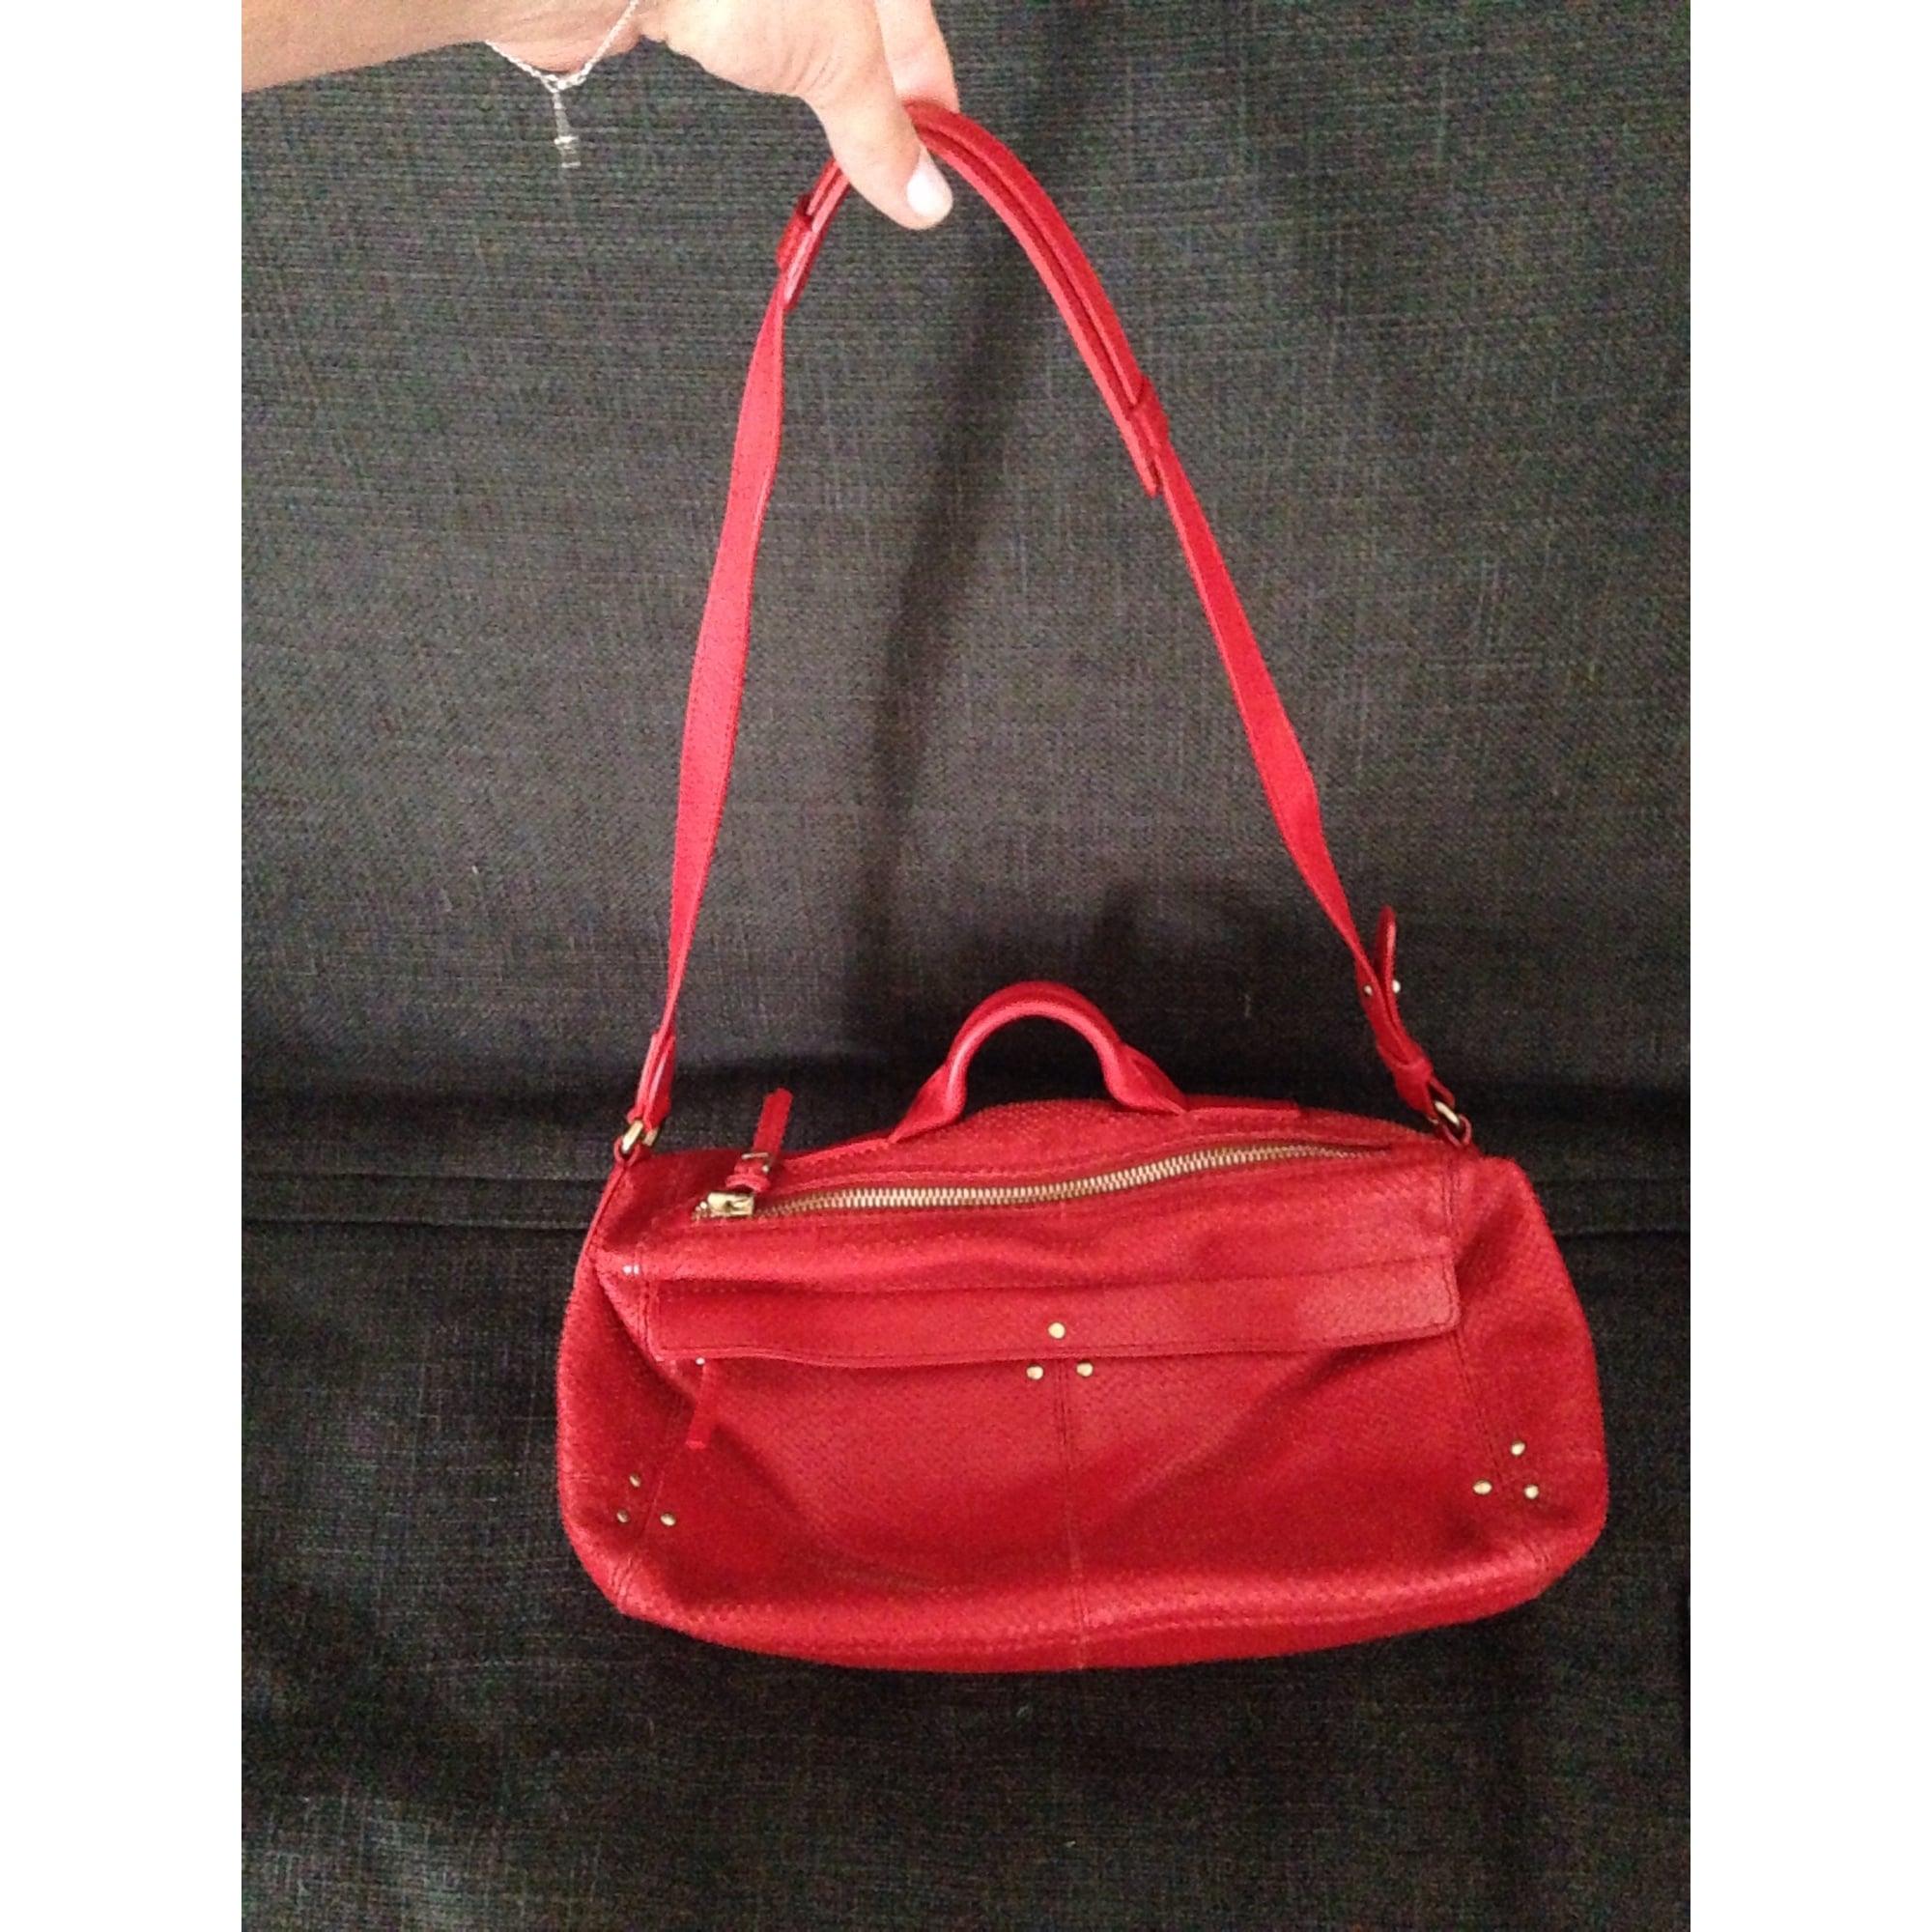 546f5bc216e Sac en bandoulière en cuir JEROME DREYFUSS rouge vendu par ...